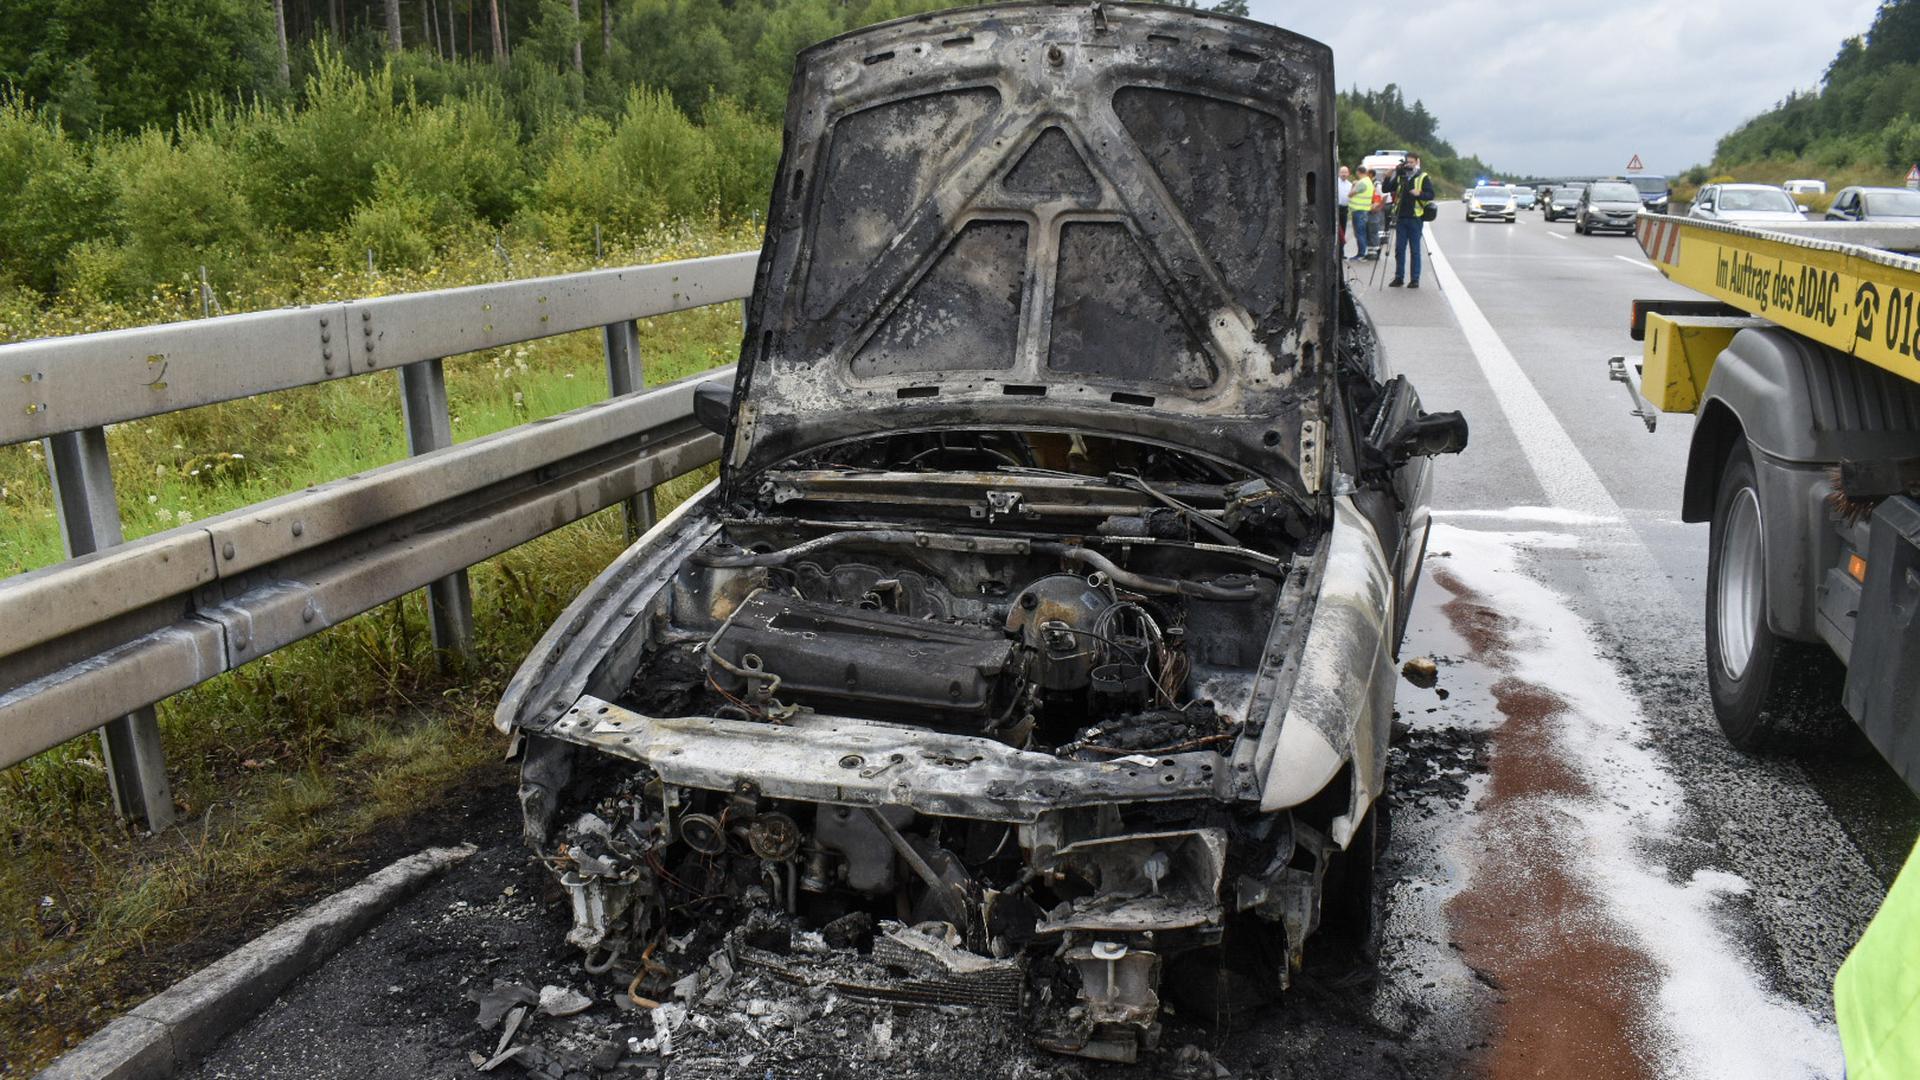 Ausgebranntes Auto auf dem Seitenstreifen der Autobahn.